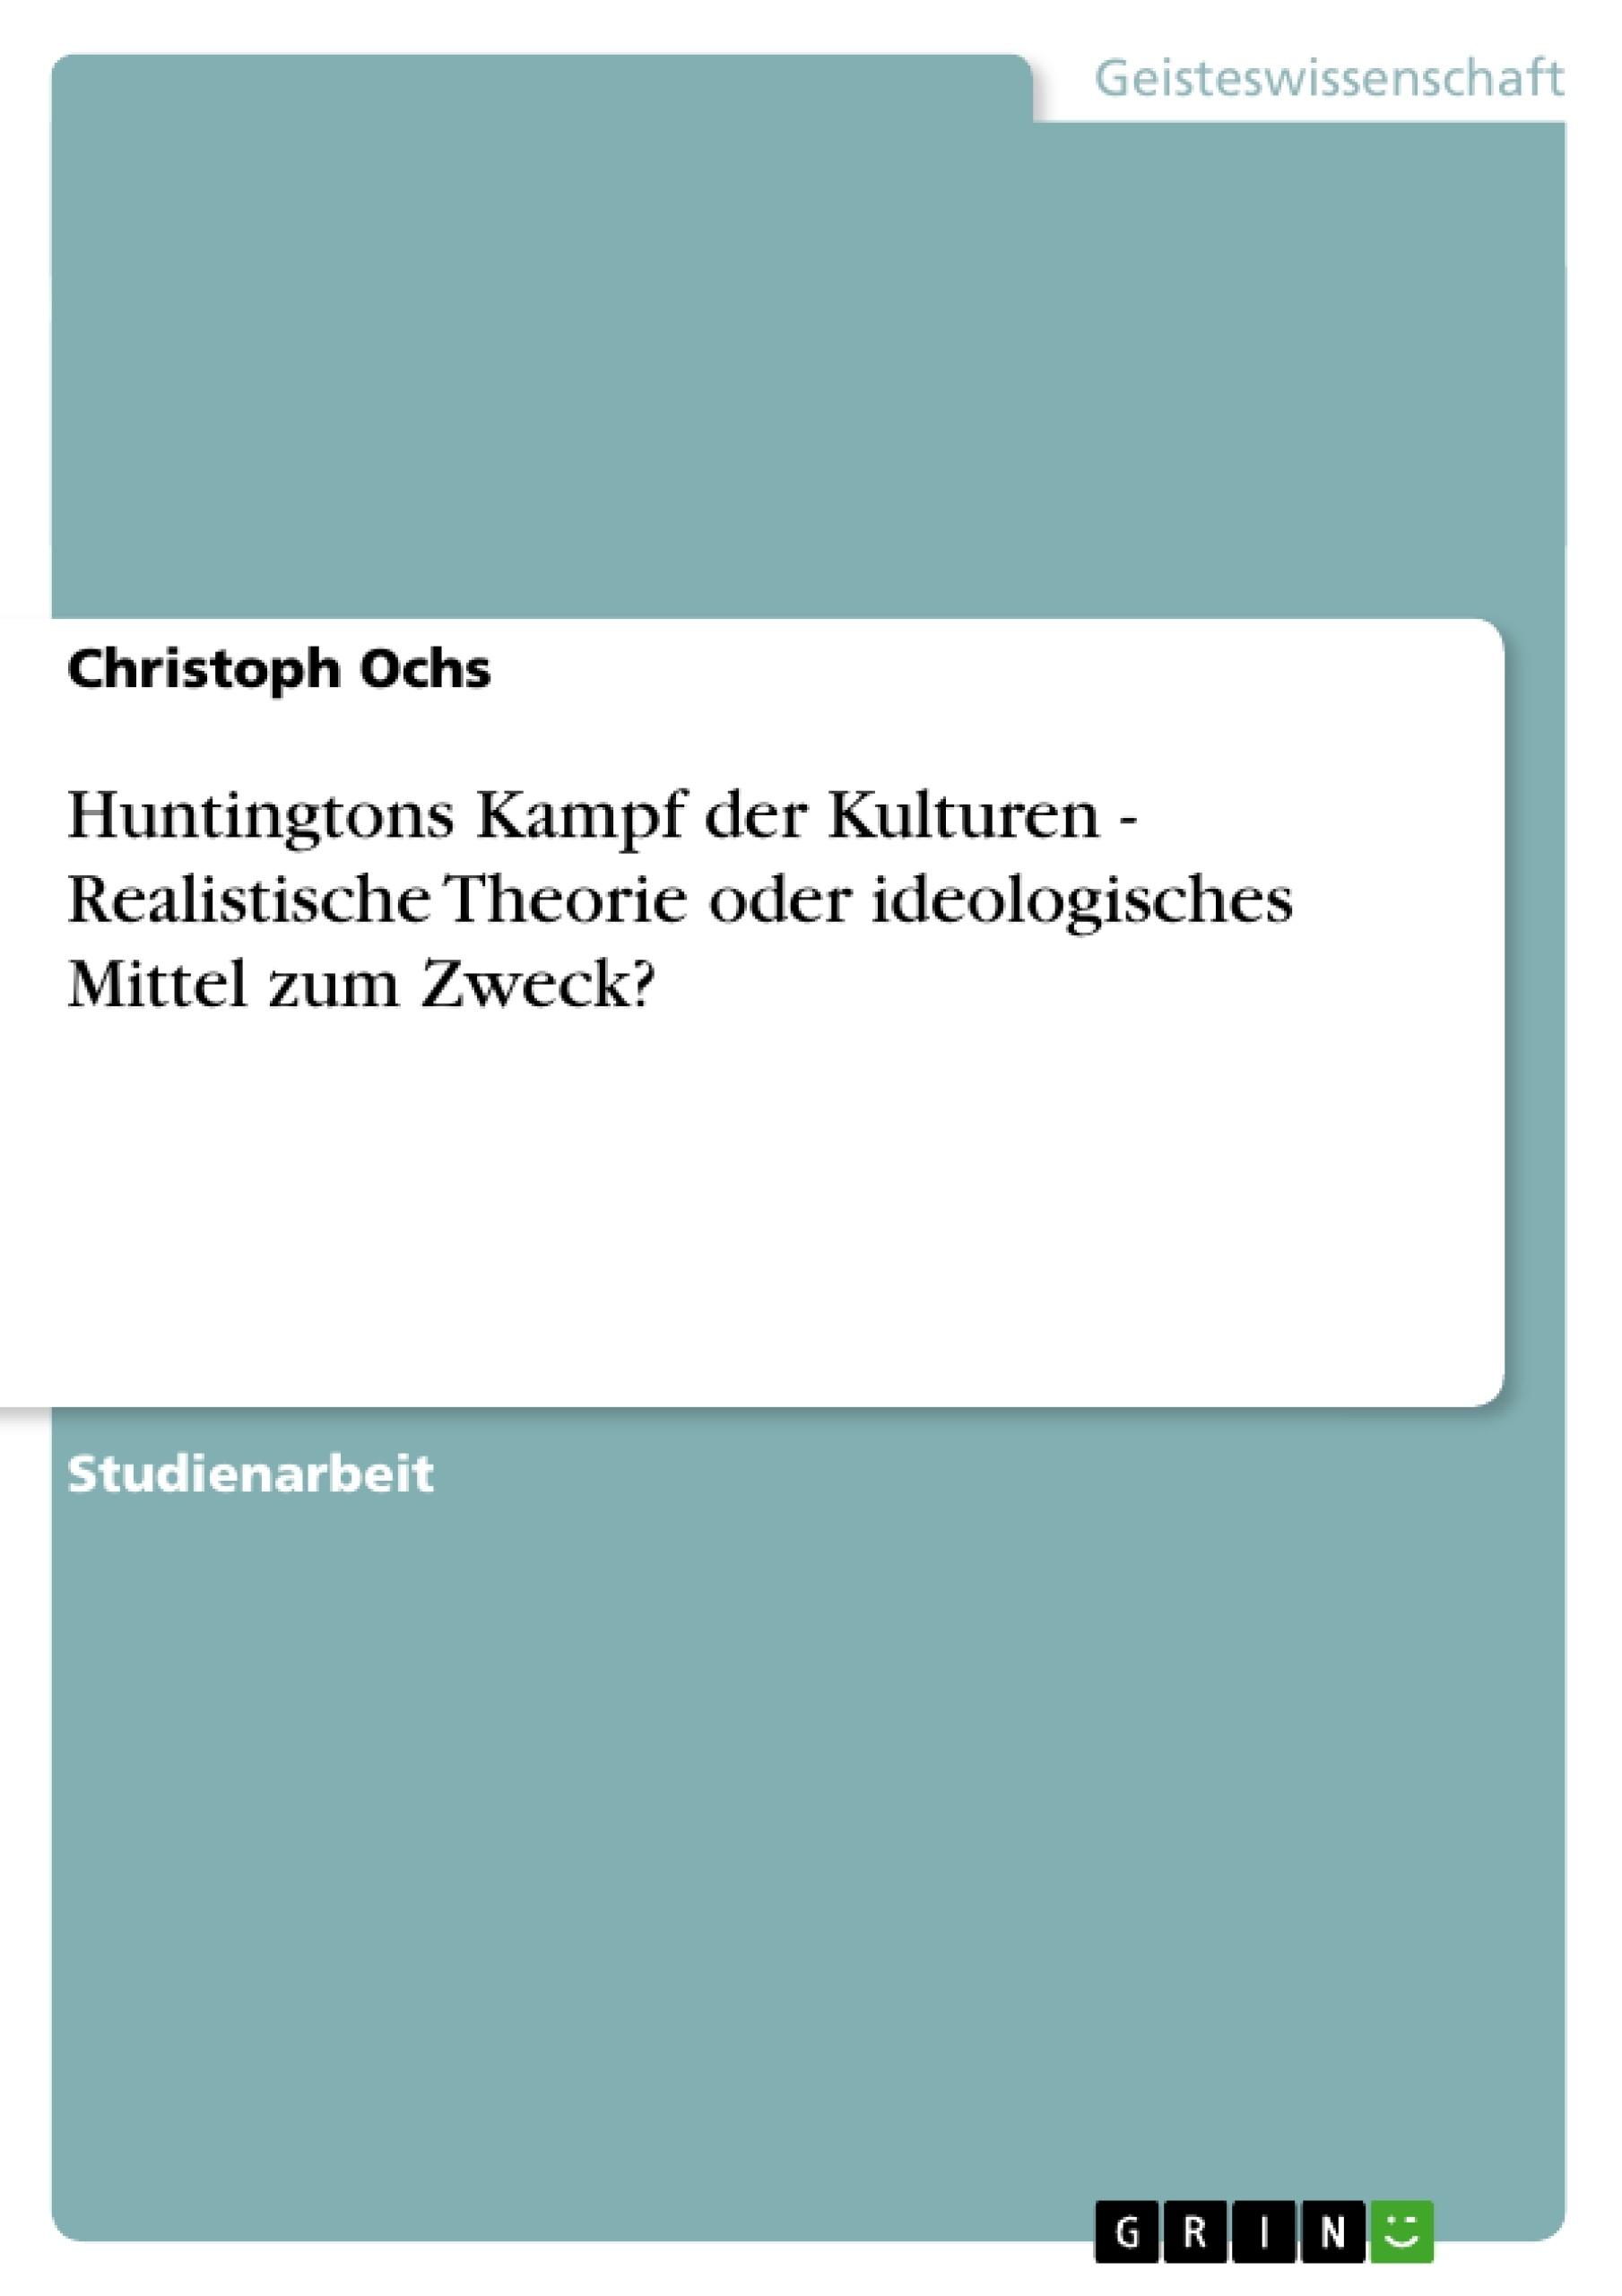 Titel: Huntingtons Kampf der Kulturen  -  Realistische Theorie oder ideologisches Mittel zum Zweck?